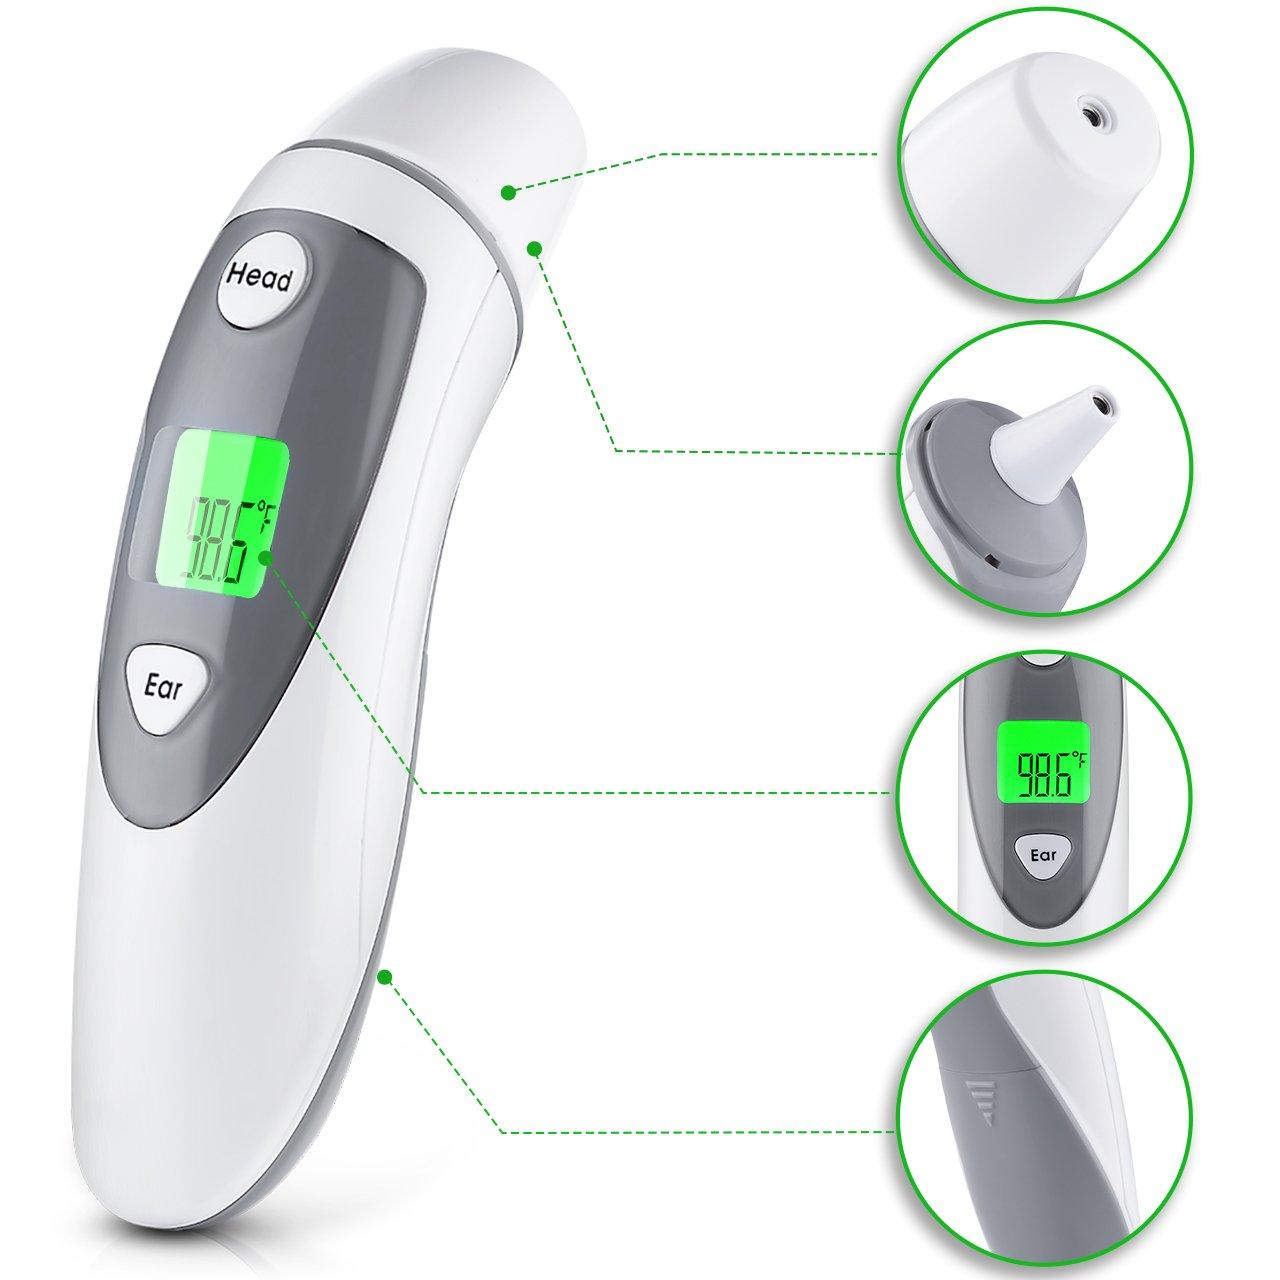 lismile frente y Oído infrarrojo Termómetro, termómetro digital para bebé de niños y adultos, genehmigt de CE & FDA, rápida y precisa mediciones, ...